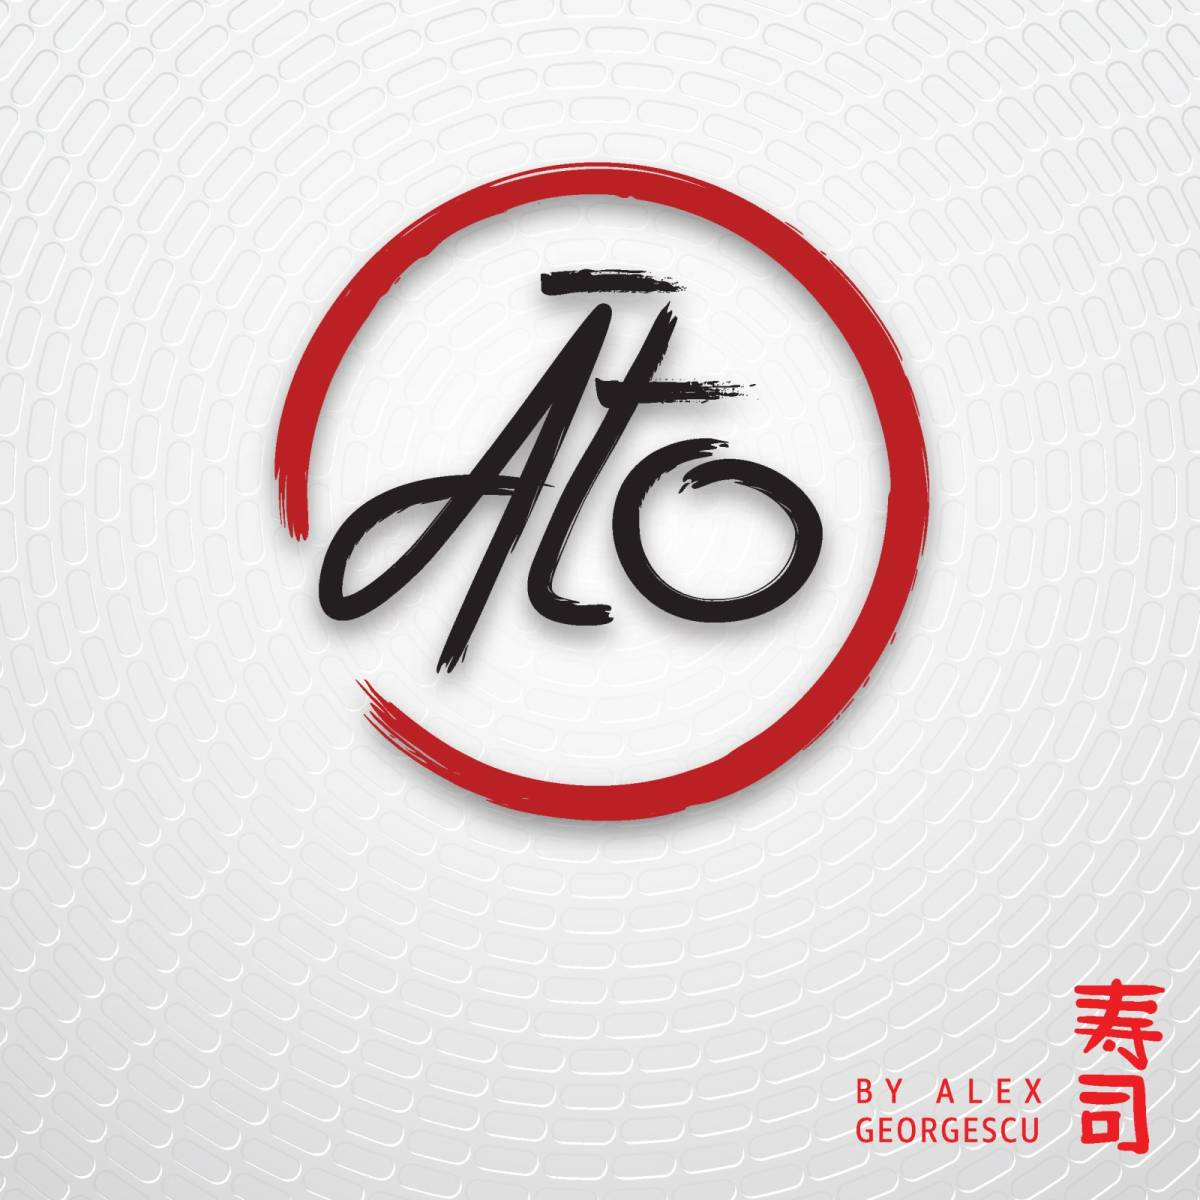 logo Ato v2 web_Page_04